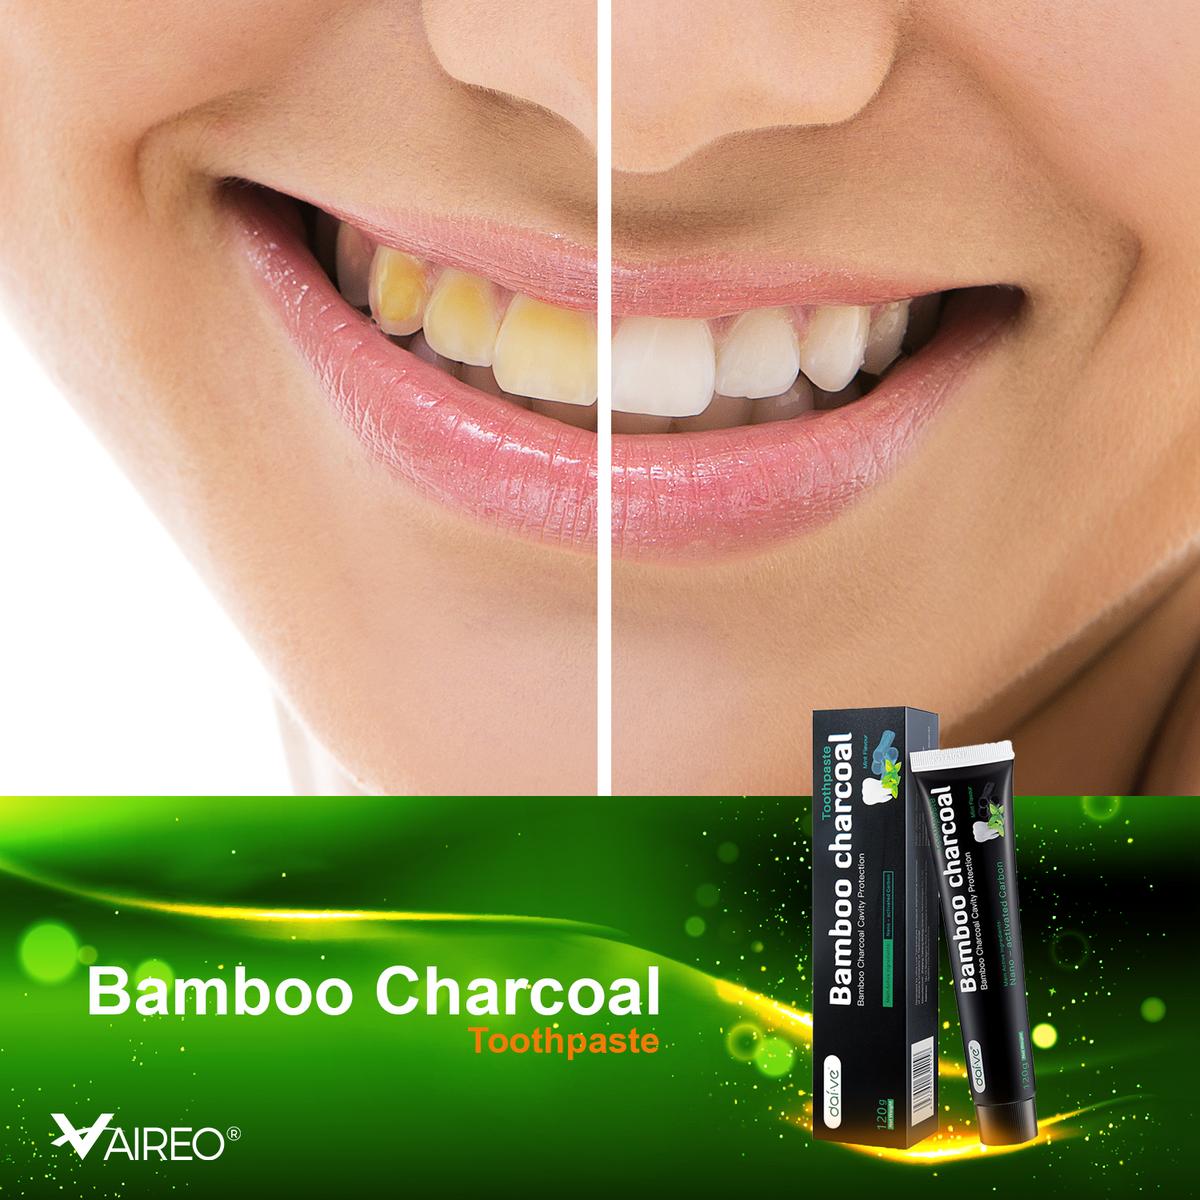 Bamboo Charcoal Toothpaste - 100% Natural Organic Tooth Paste non-Floride Non-GMO